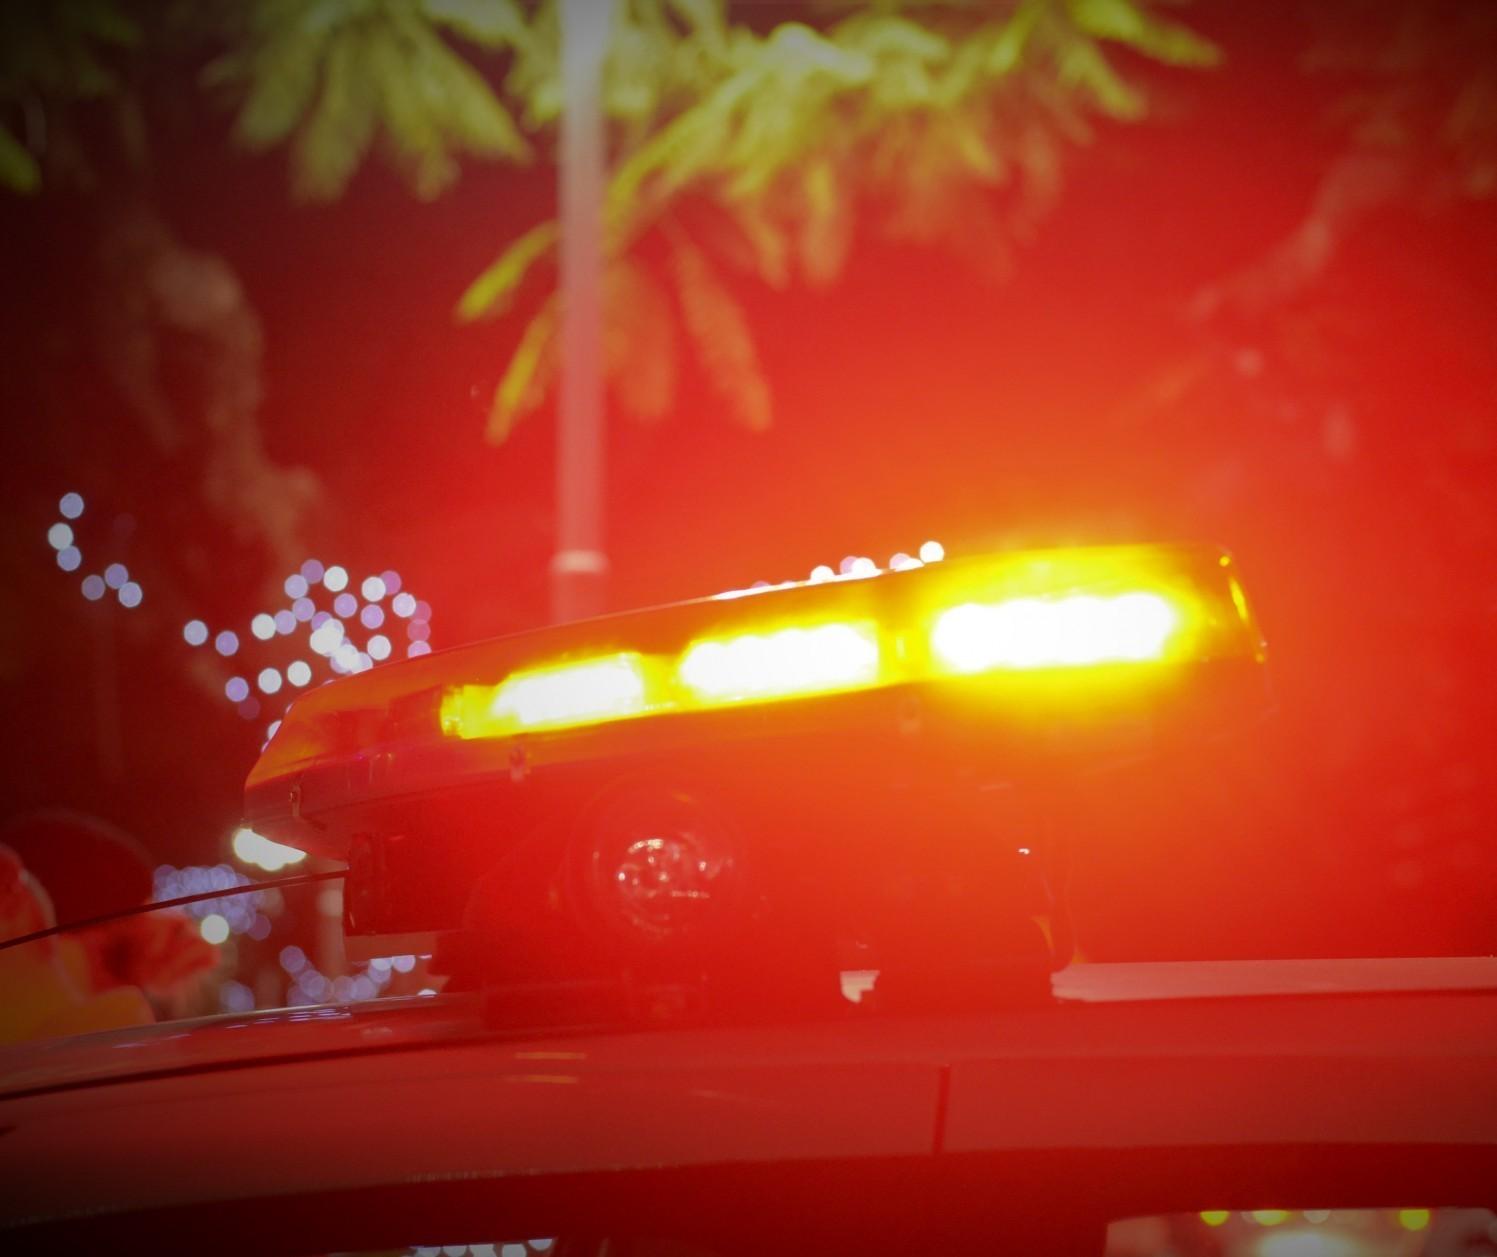 Caído na via, homem morre após ser atropelado em Maringá